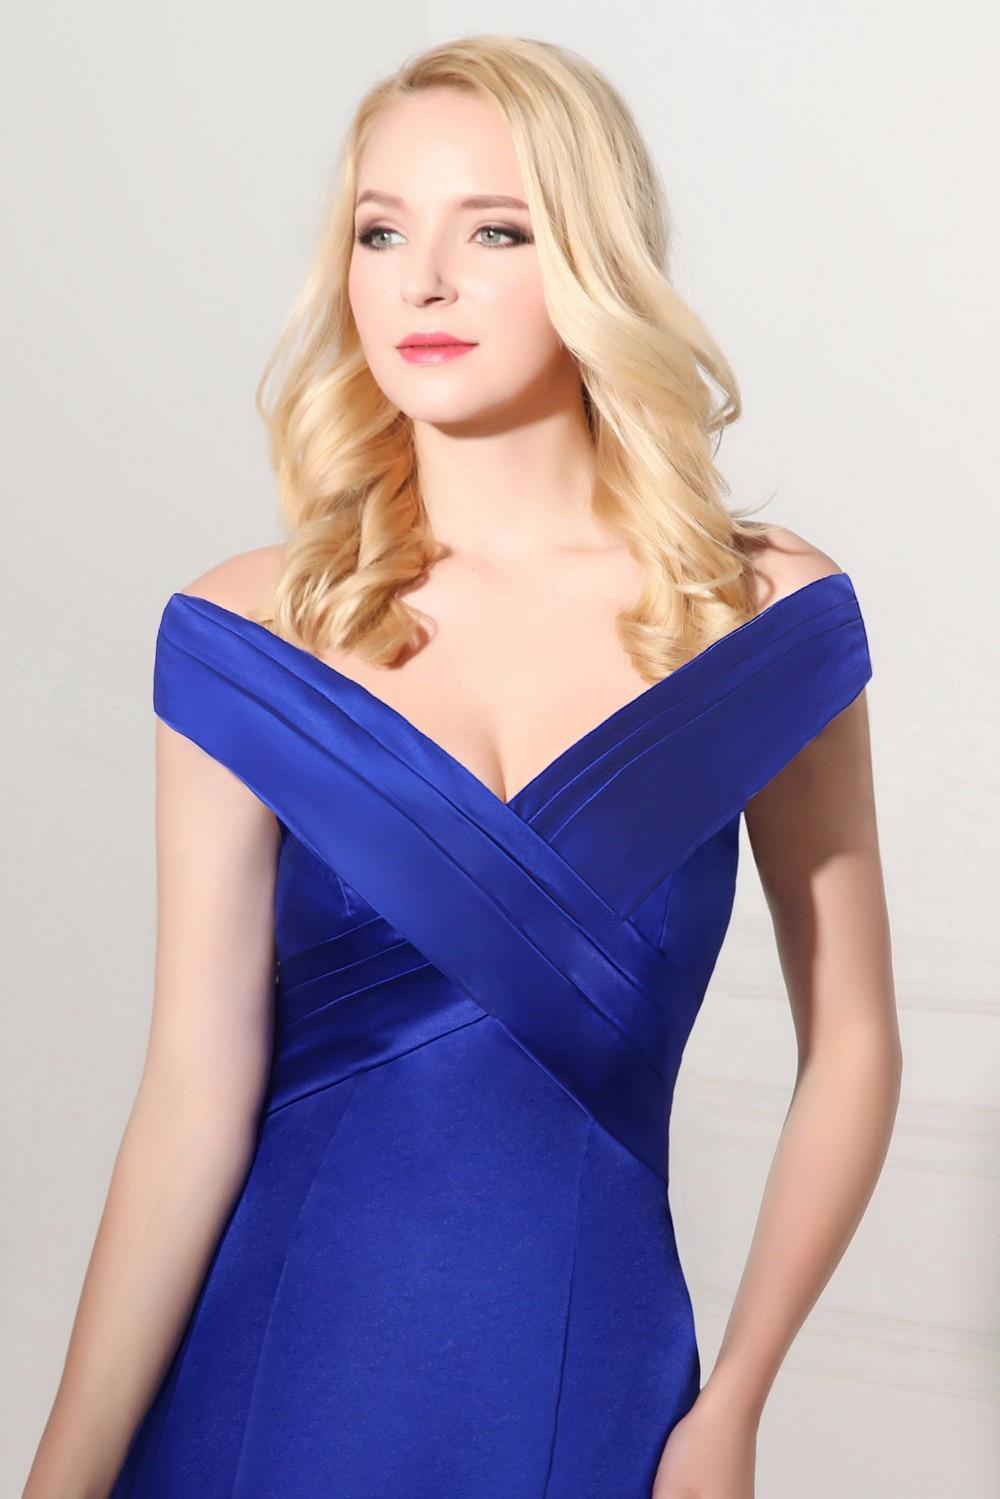 Robe De Soiree Hot Jual Abendkleider Avondjurk Panjang Gaun V-leher - Gaun acara khas - Foto 4